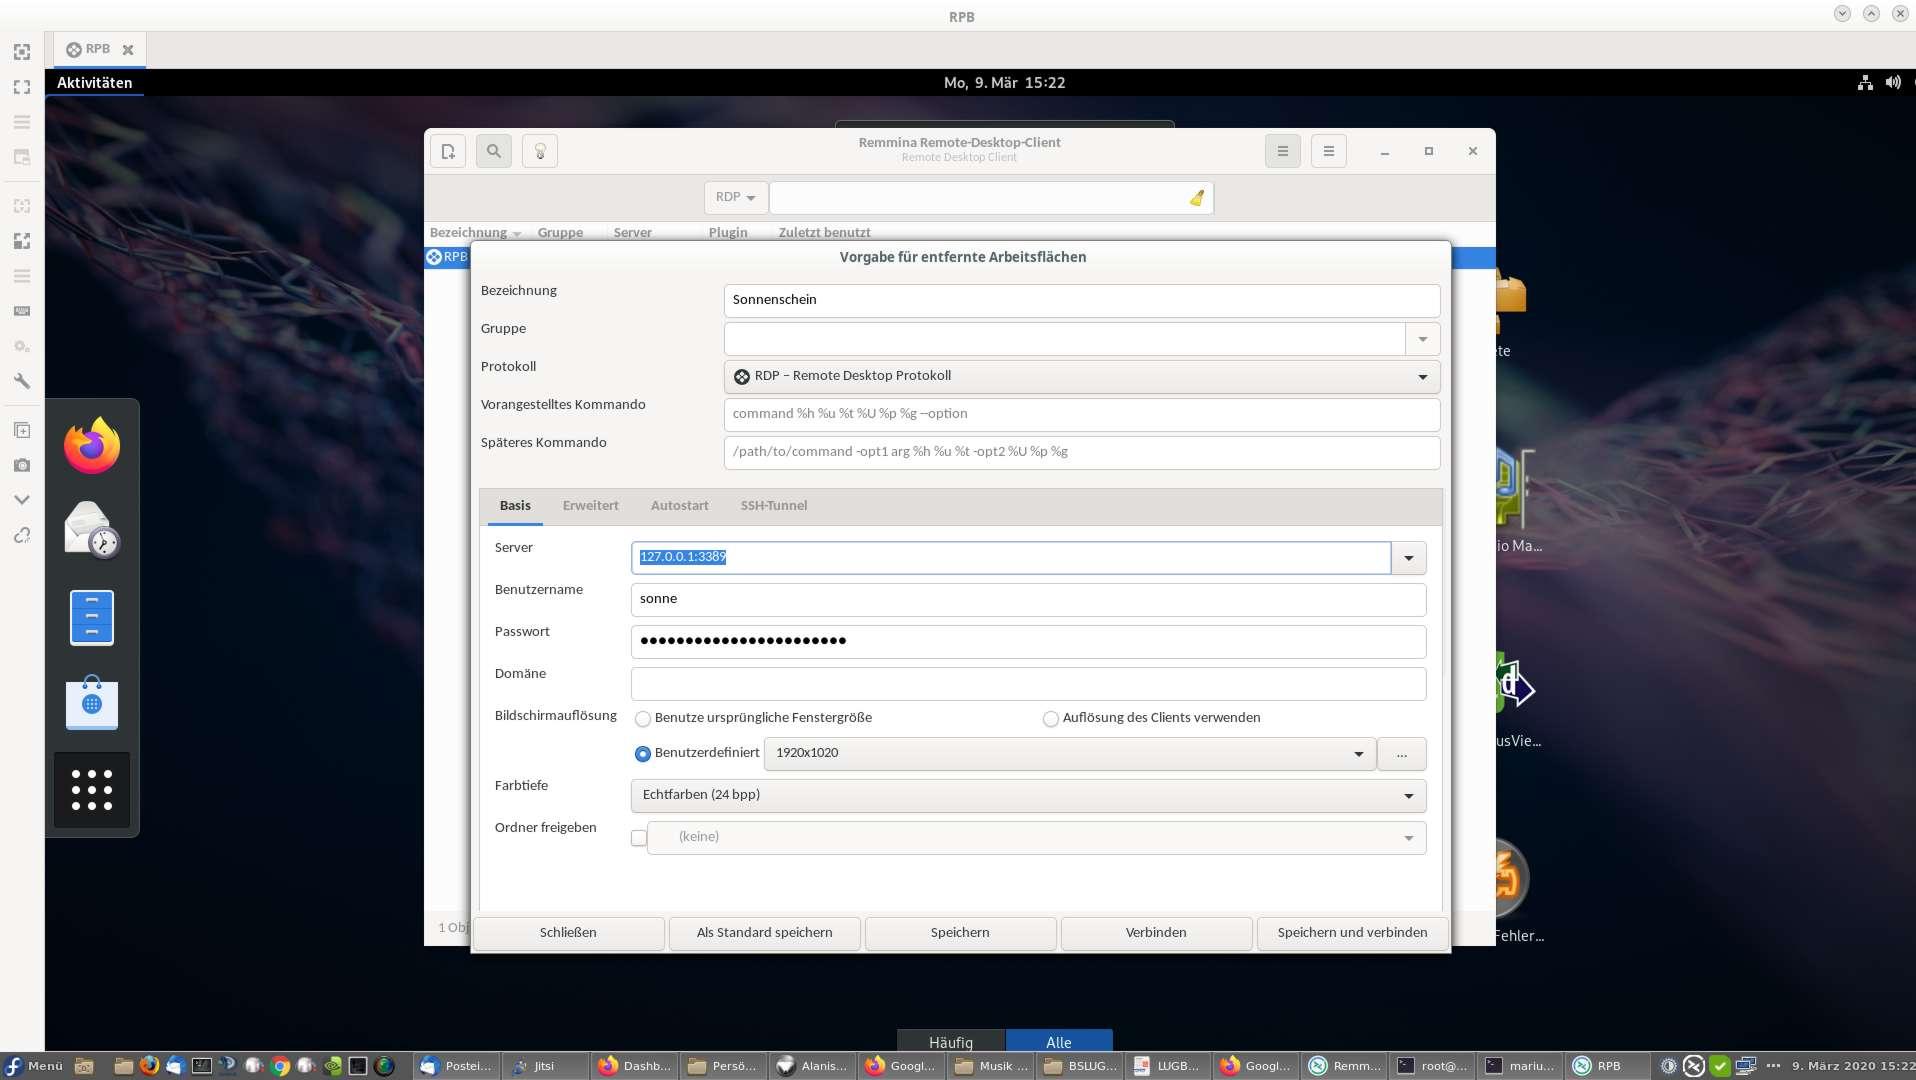 am sieht im Hintegrund bereits den eingeloggten RDP Desktop und im Vordergrund die Basiseinstellungen von Remmina für diese Verbindung.